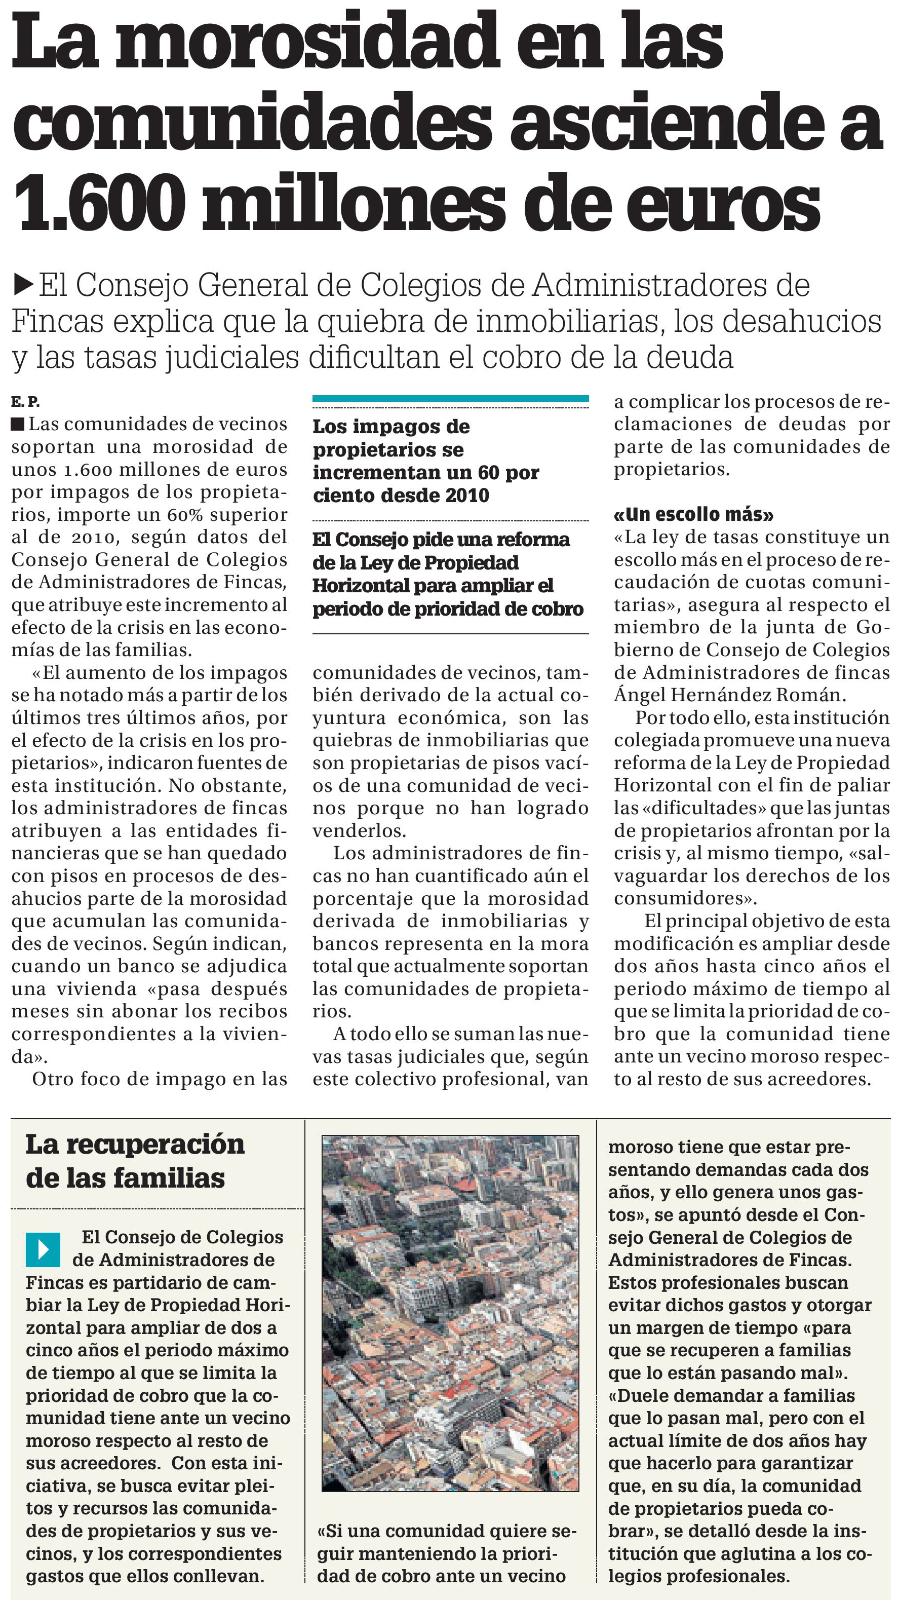 La morosidad en las comunidades asciende a 1600 millones de euros